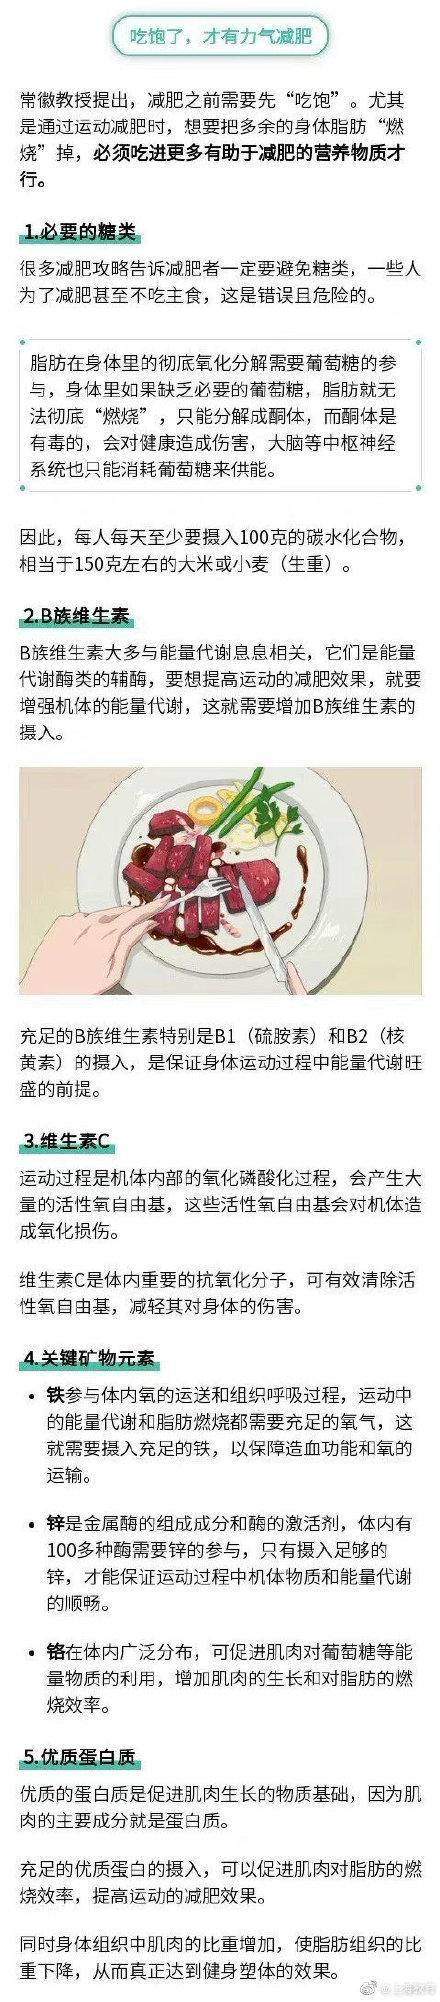 节食减肥到底有没有用?5个习惯让你吃不胖